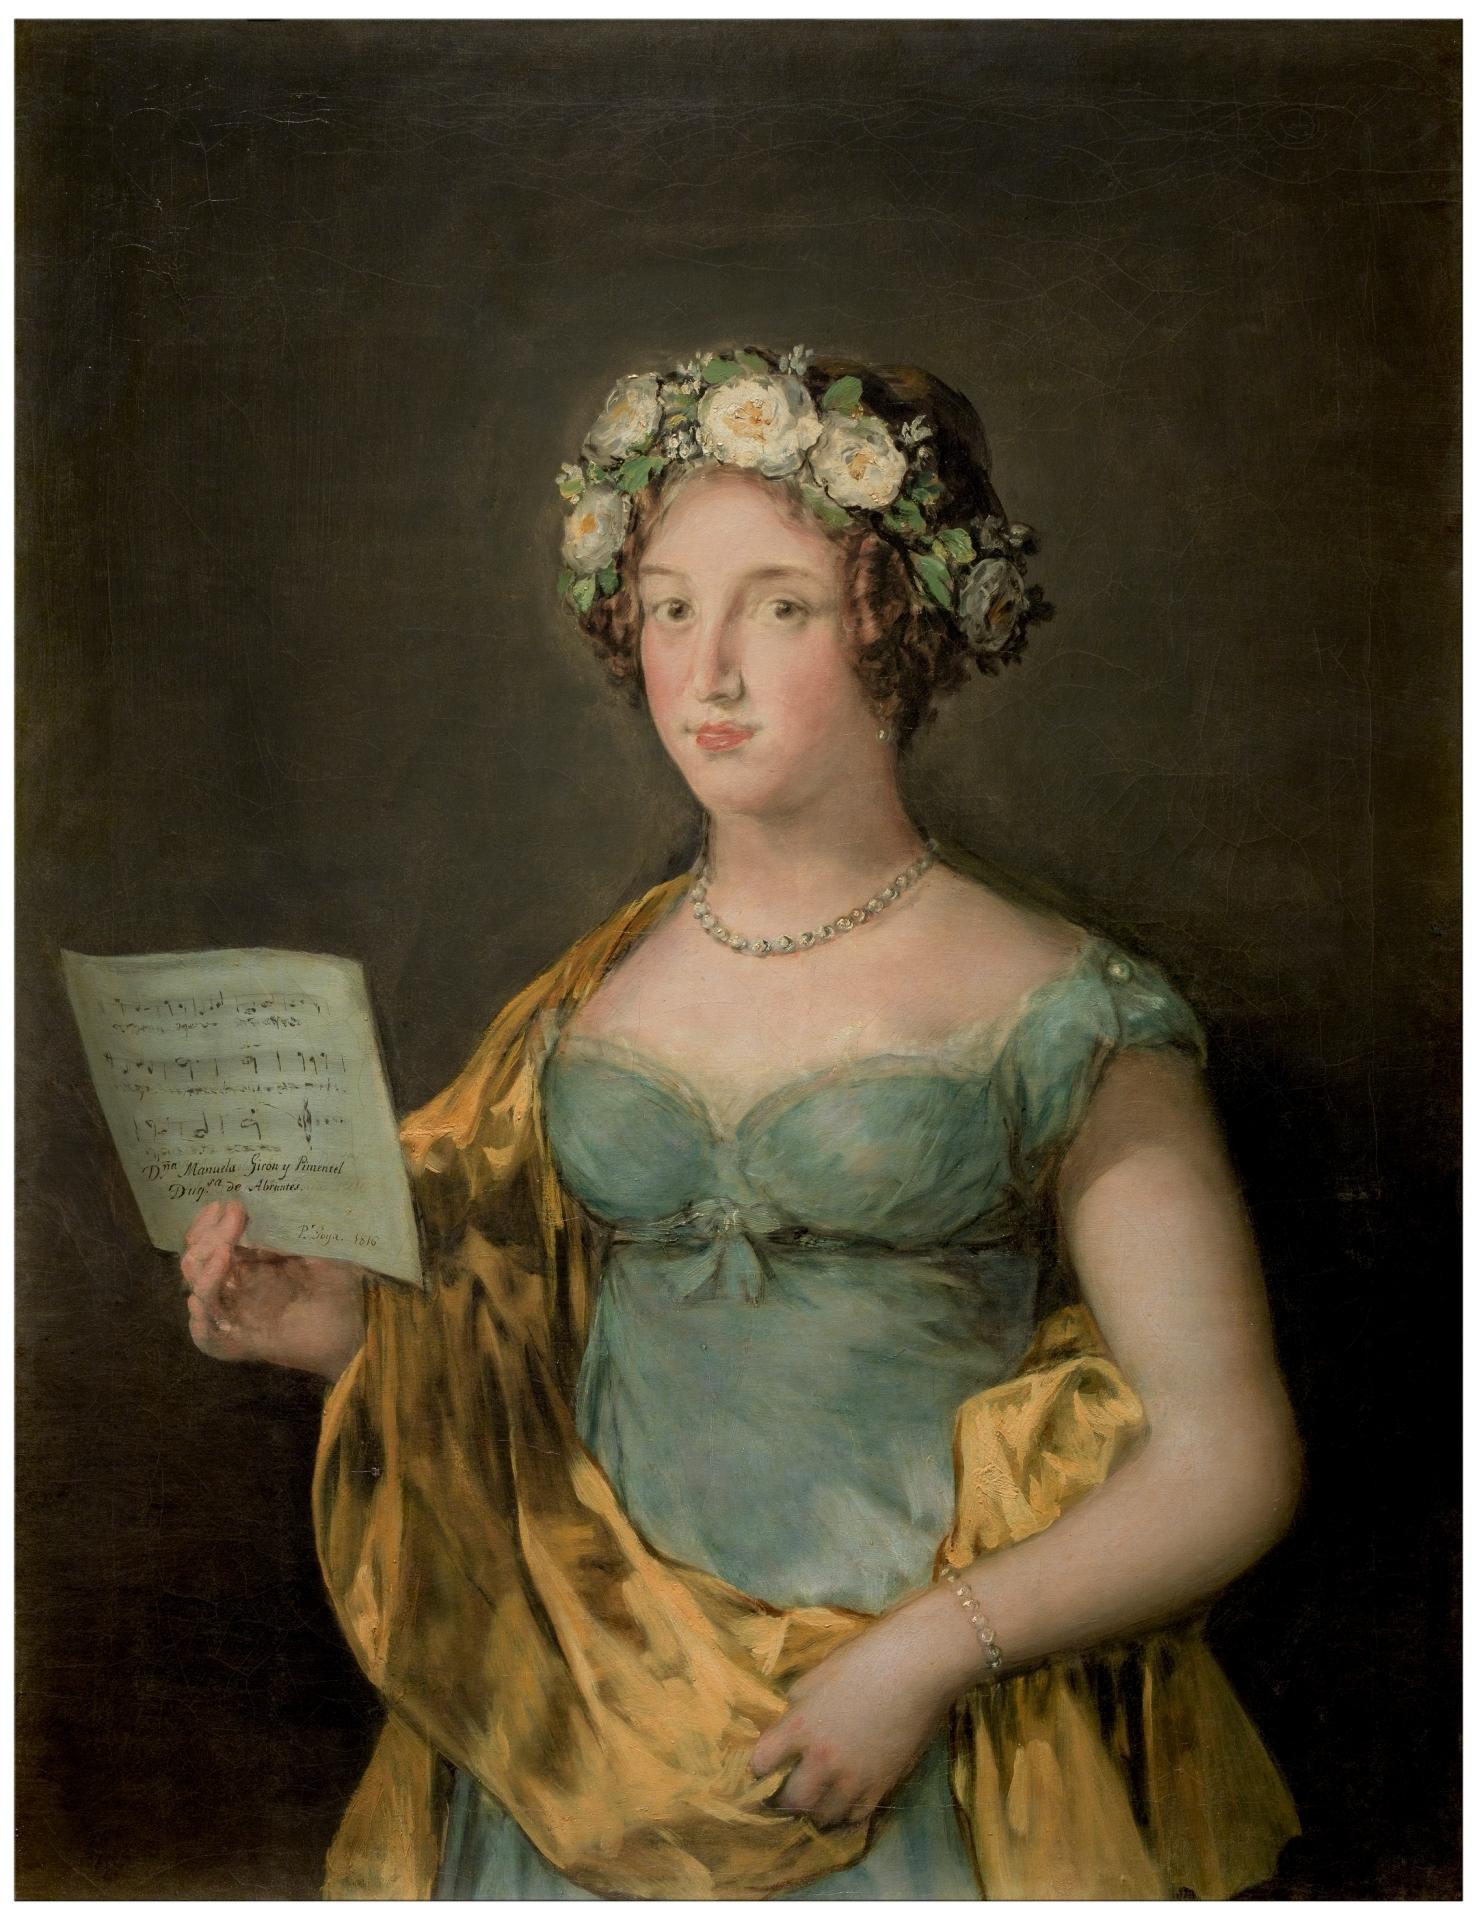 480c2bf05668 The Duchess of Abrantes - The Collection - Museo Nacional del Prado